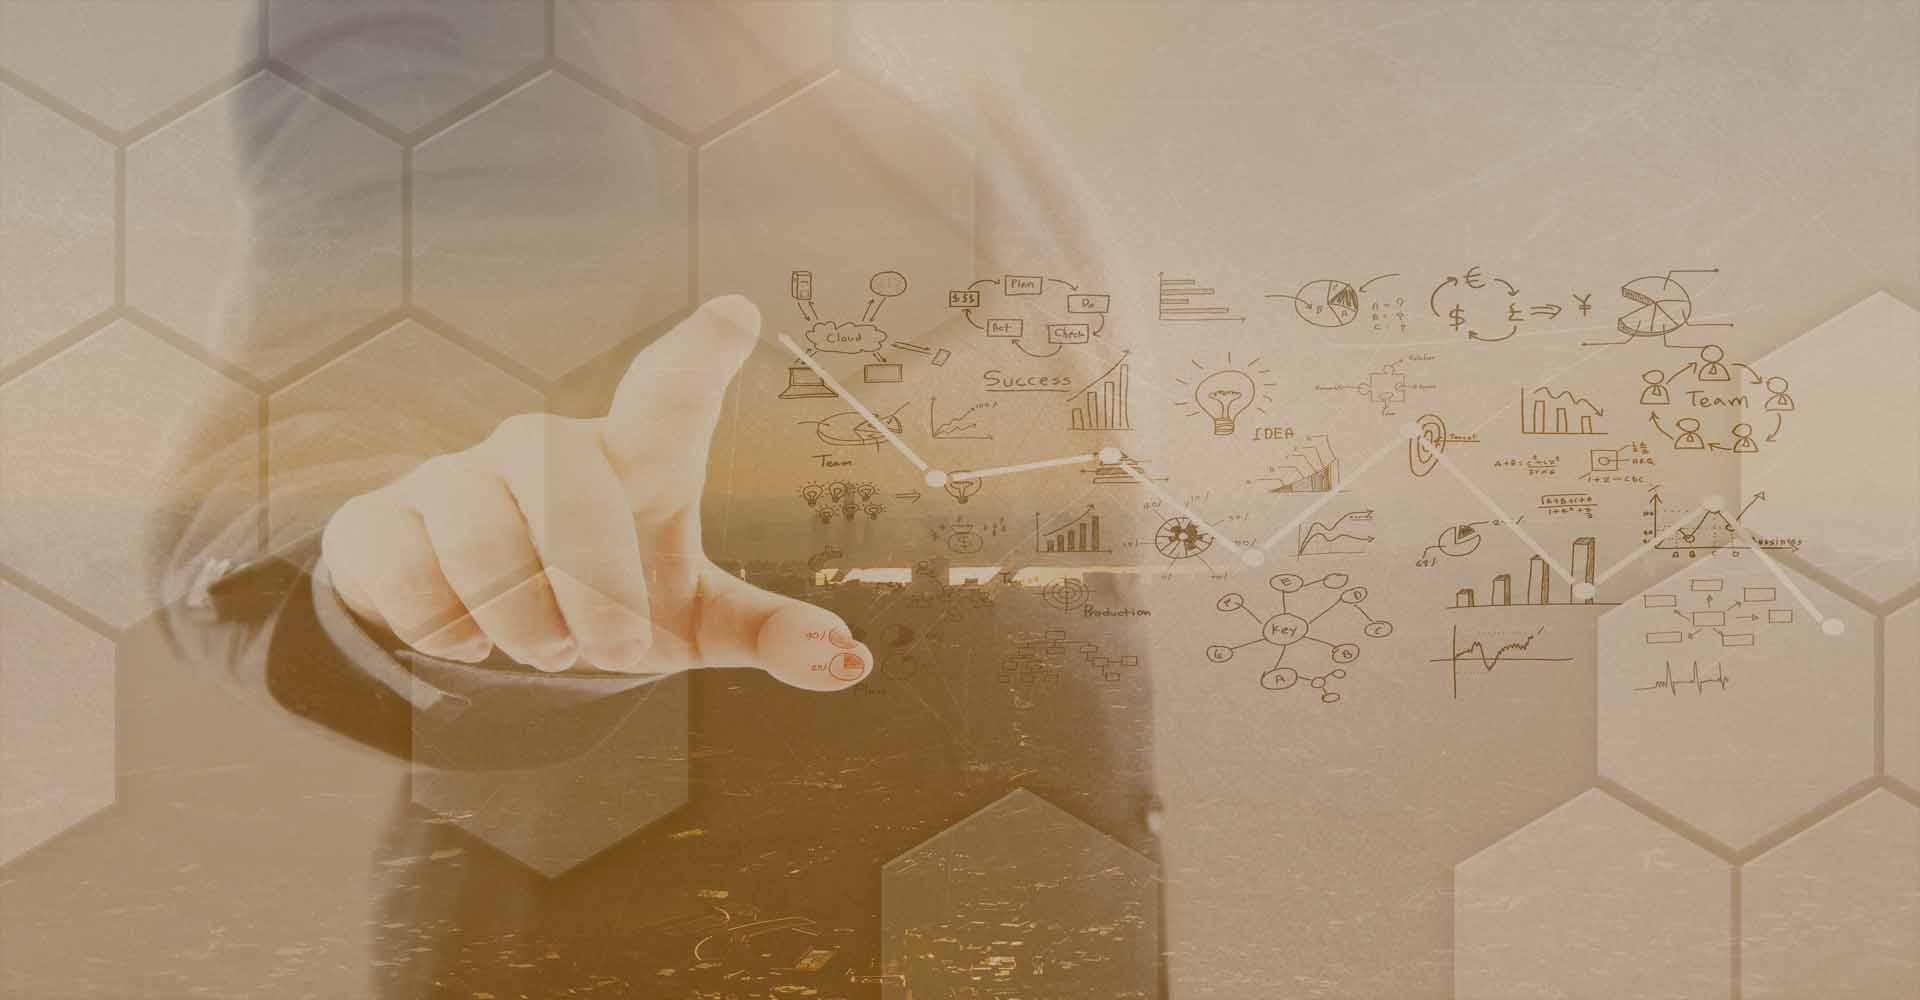 Desarrollo de proyectos web, análisis, consultoría